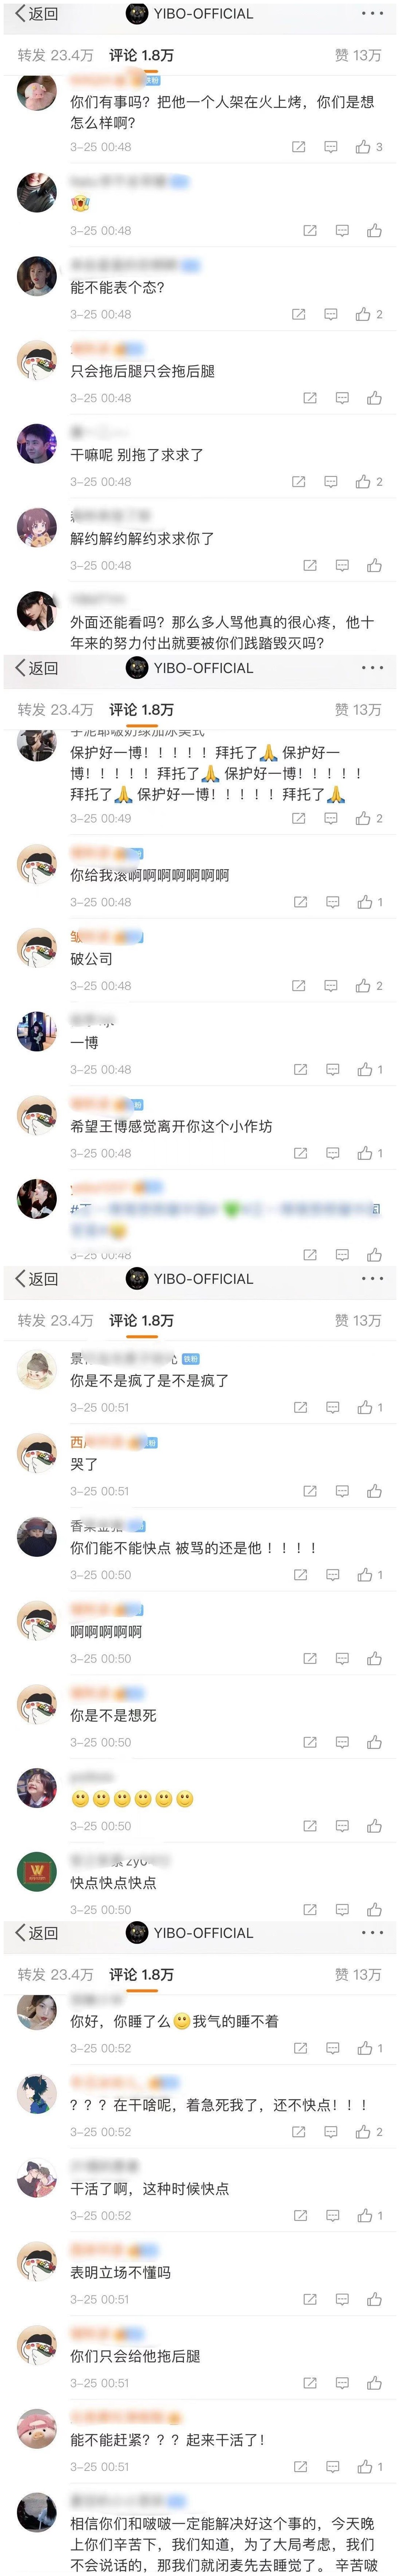 樂華娛樂宣佈王一博終止與耐克的一切合作!與黃軒、宋茜有何不同-圖5